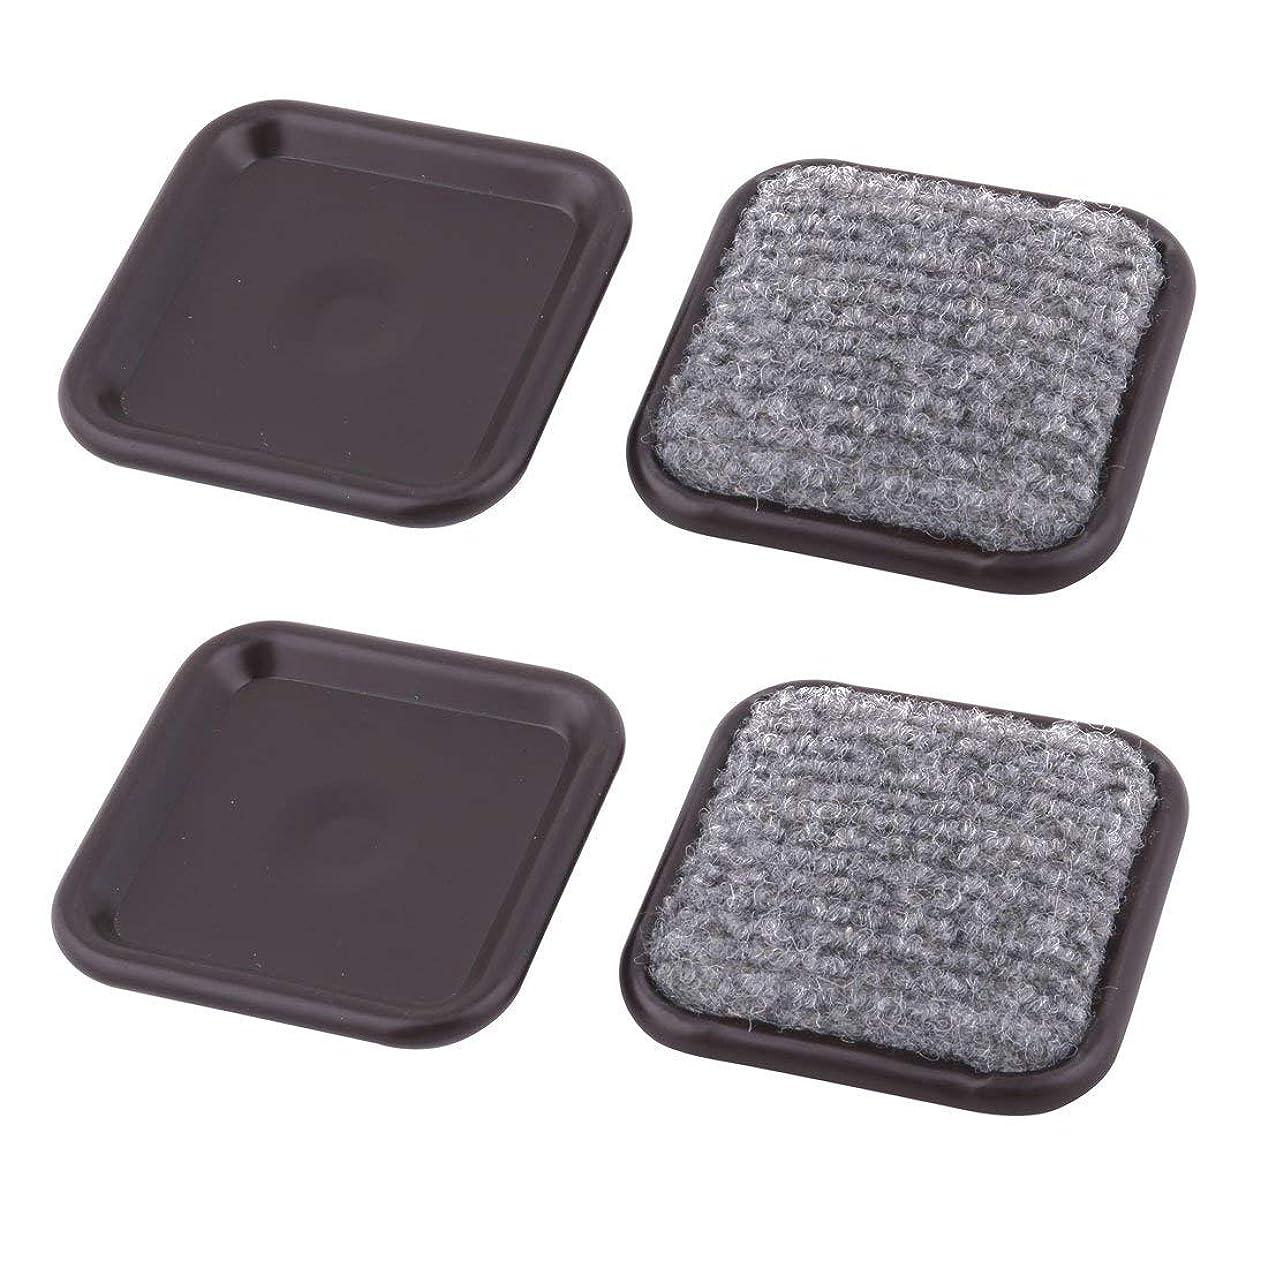 ピーブラベンダー柔らかい足eDealMax家具パッドスクエア再利用可能なアルミニウム2.4